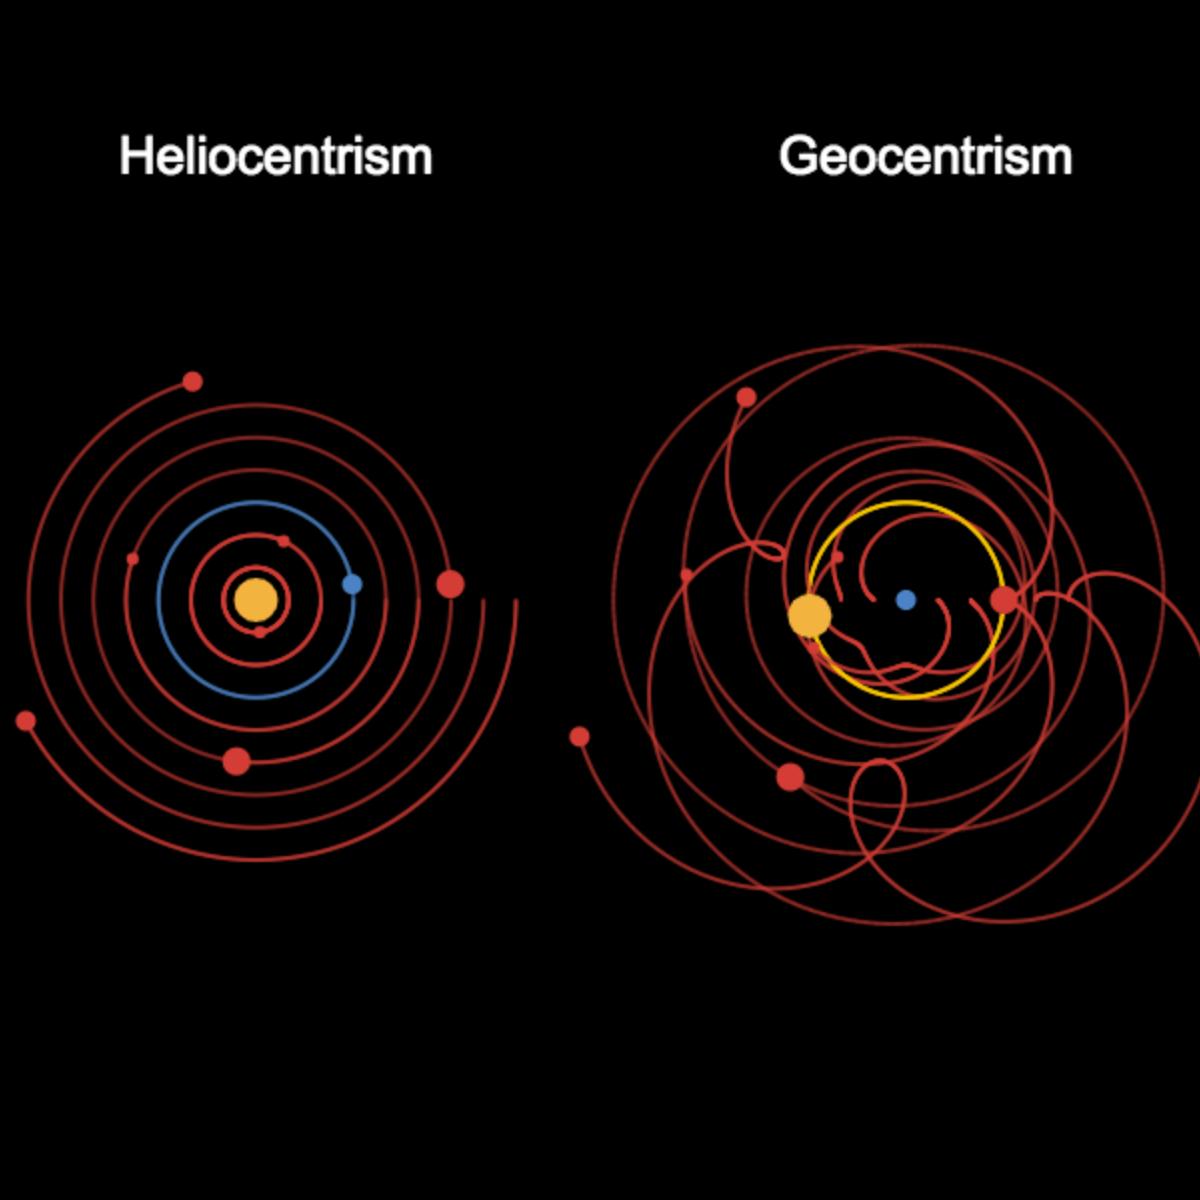 Trigonometry - Heliocentrism and Geocentrism